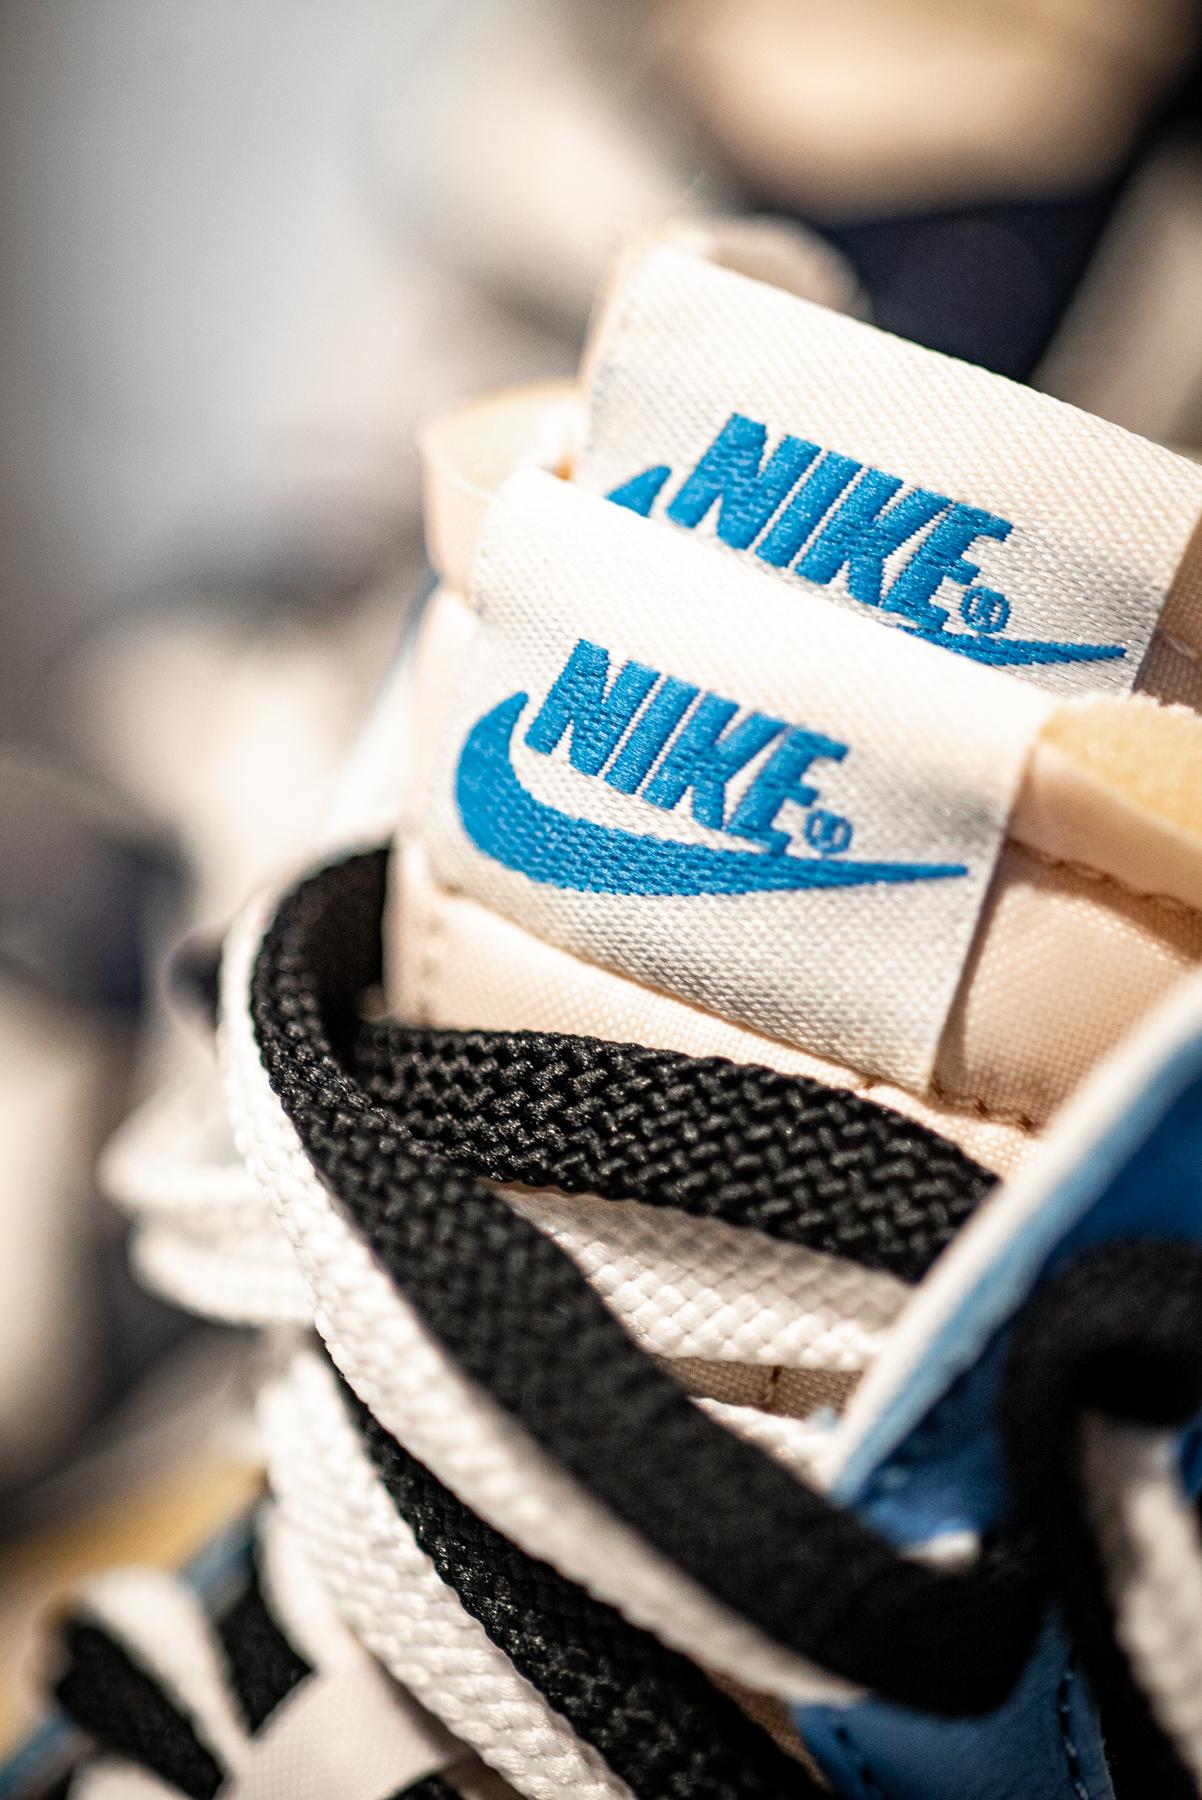 JFENSKE_10113_Satis_Nike_Relab__JTF2753_low_01.jpg